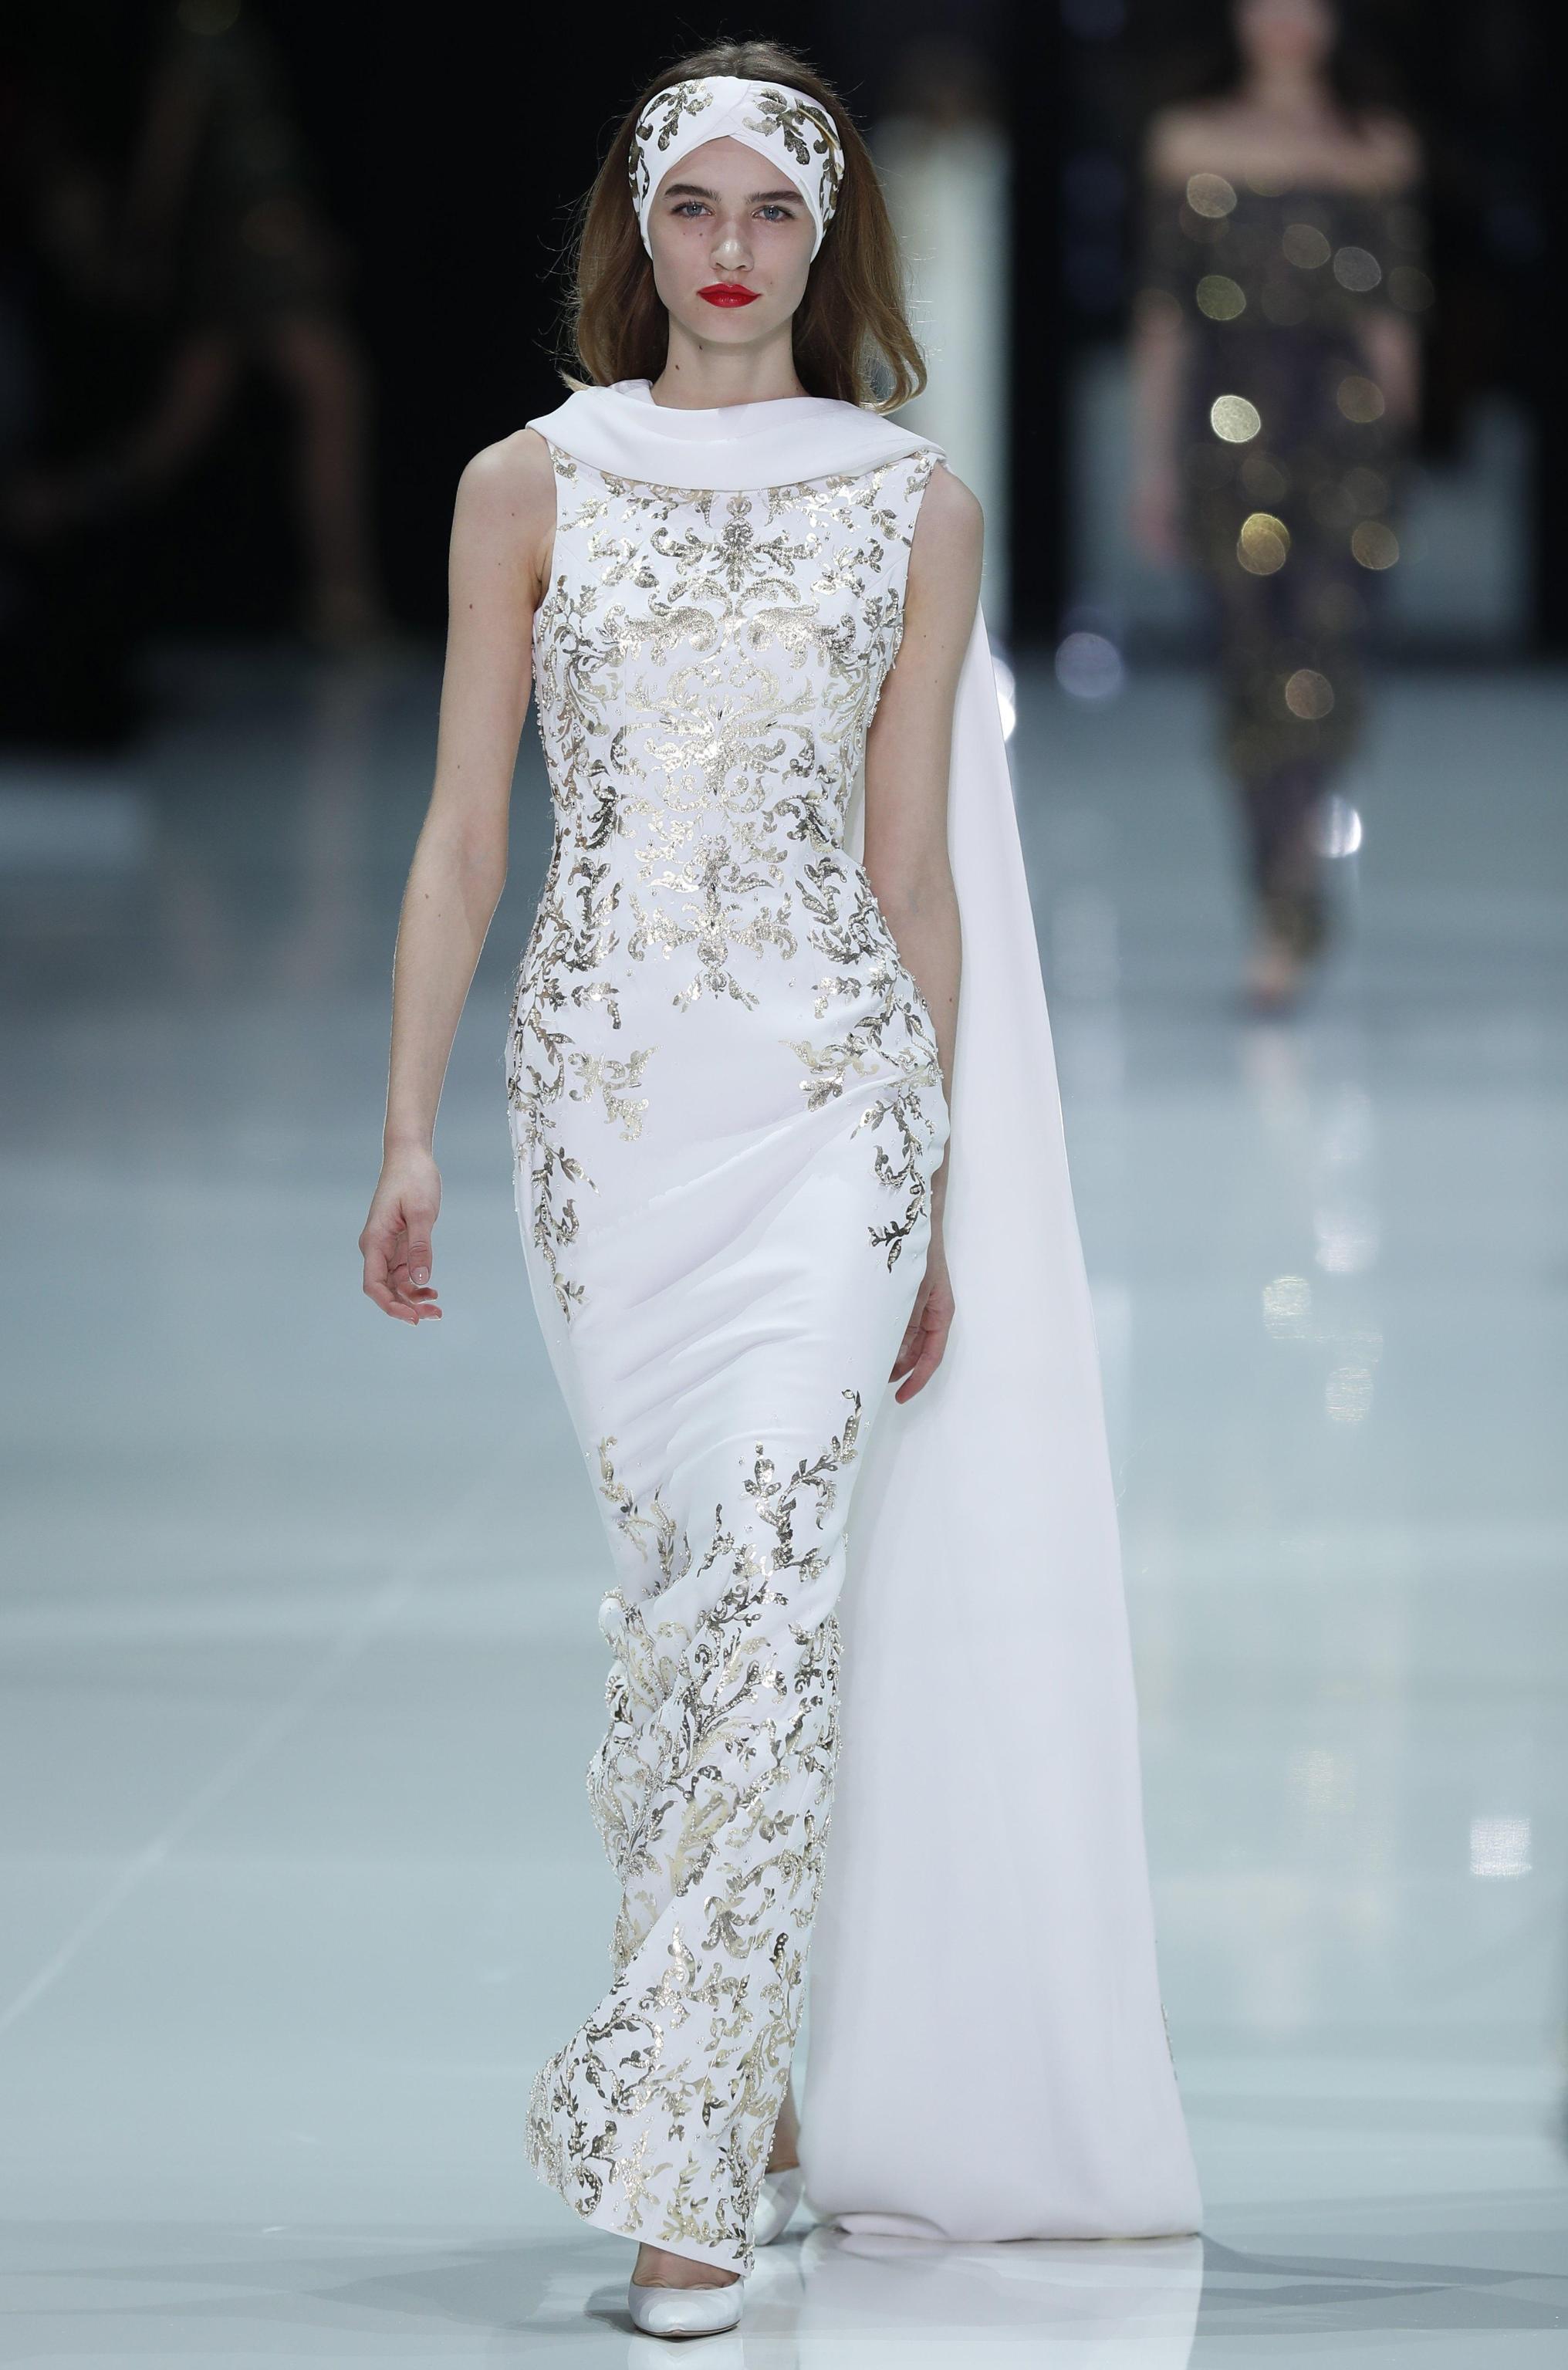 Abito da sposa gioiello Ralph and Russo haute couture primavera estate 2018 64506ca0220